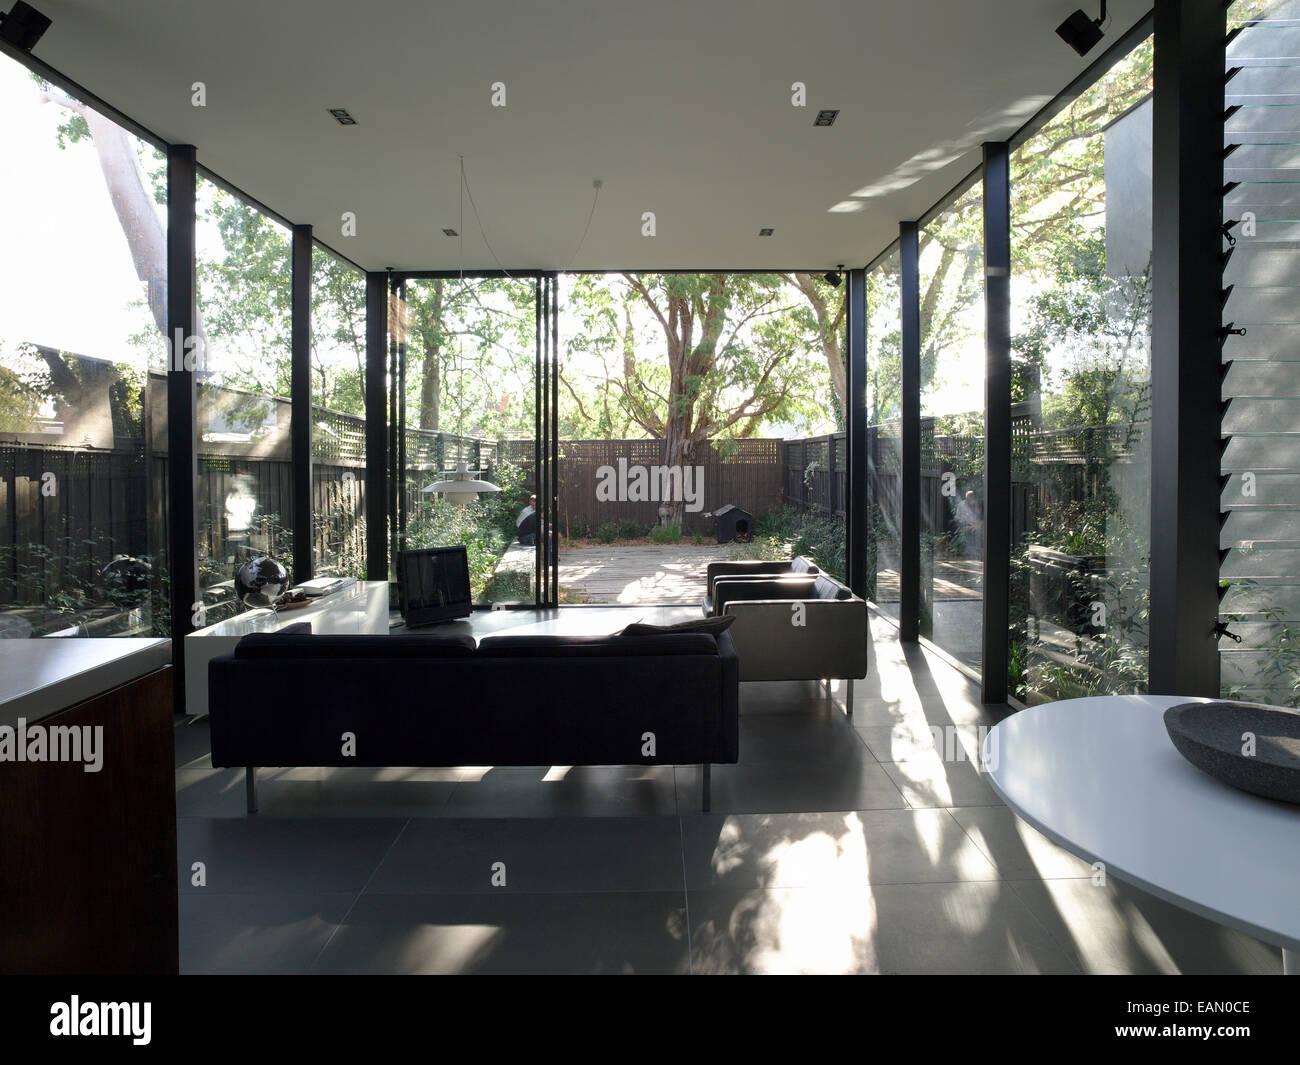 schiebetur garten, blick durch volle länge offene schiebetür vom wohnzimmer zum garten, Design ideen